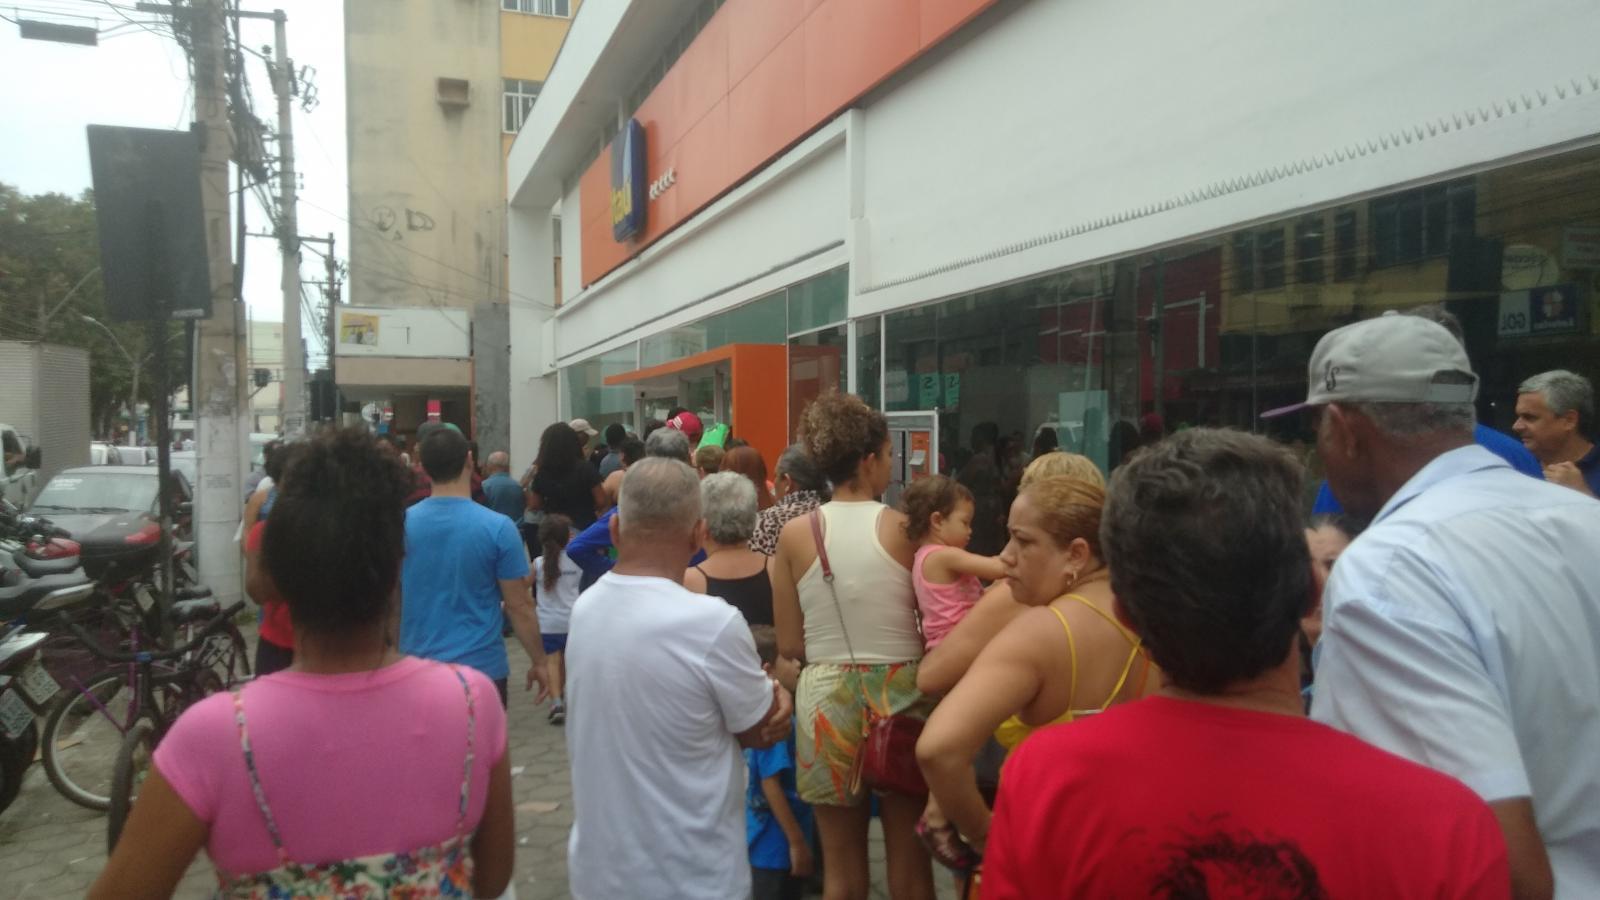 Itaú fecha agência em Macae, e causa transtorno a população